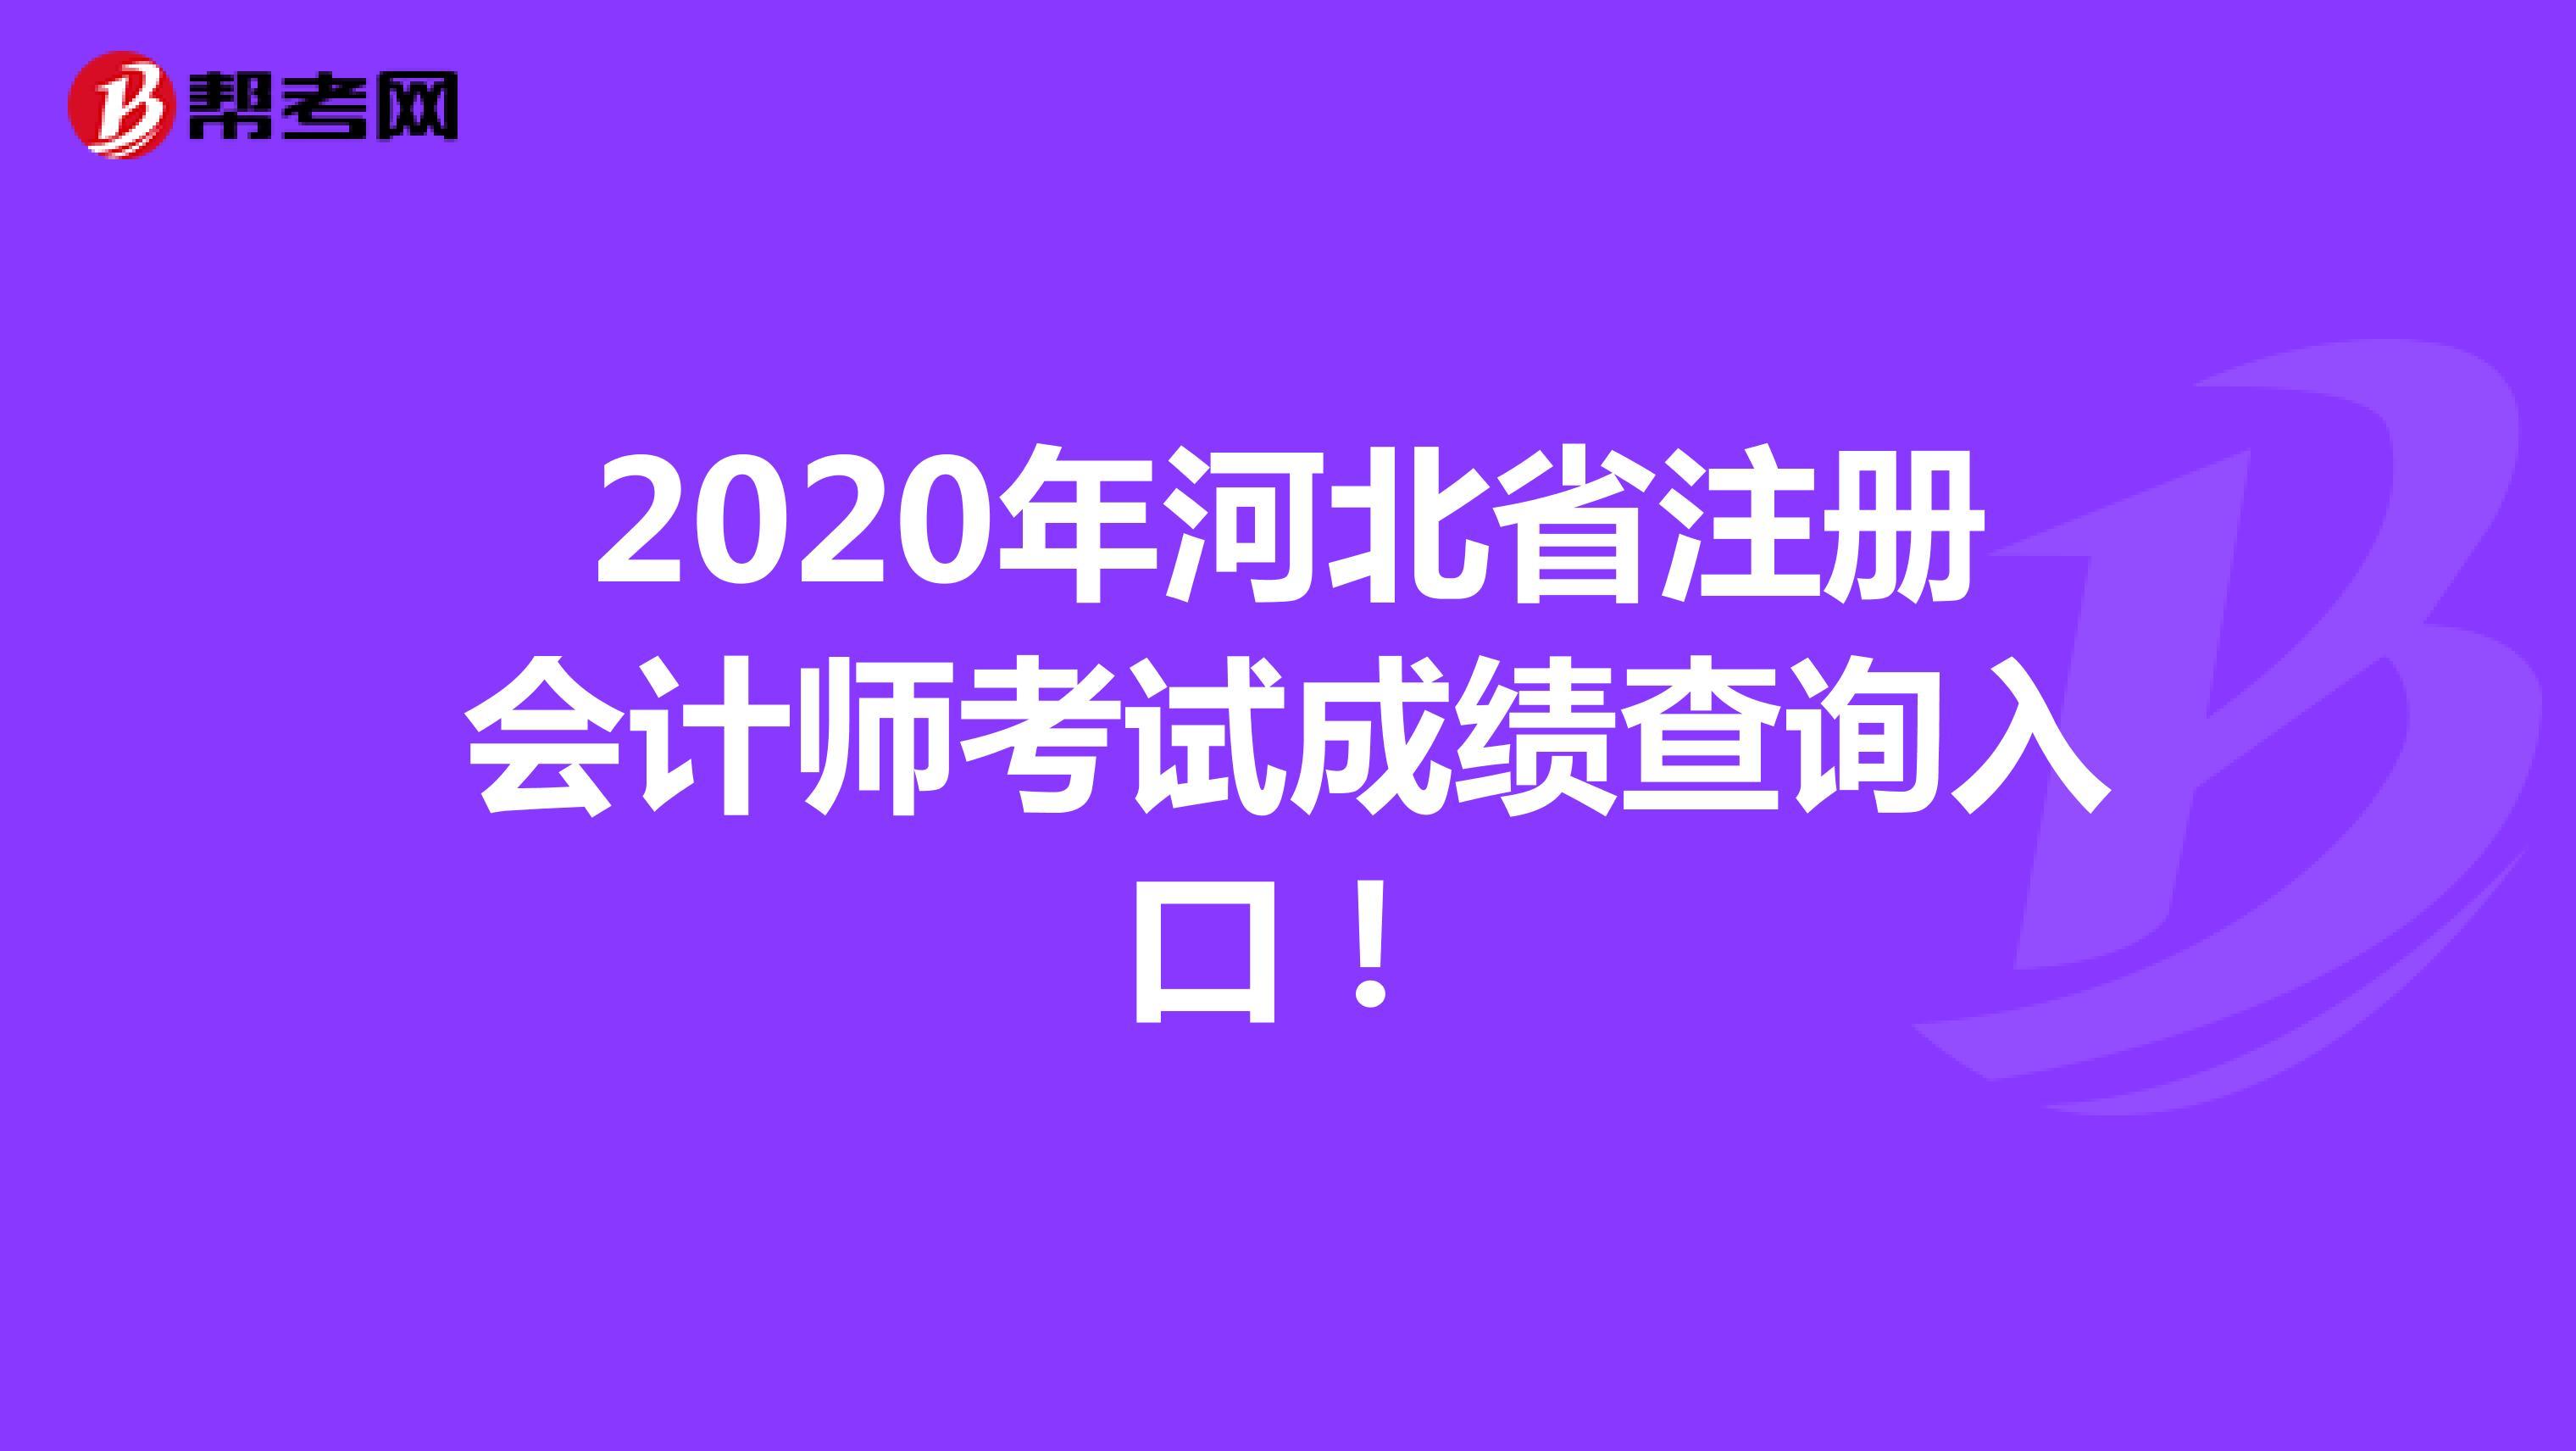 2020年河北省注冊會計師考試成績查詢入口!